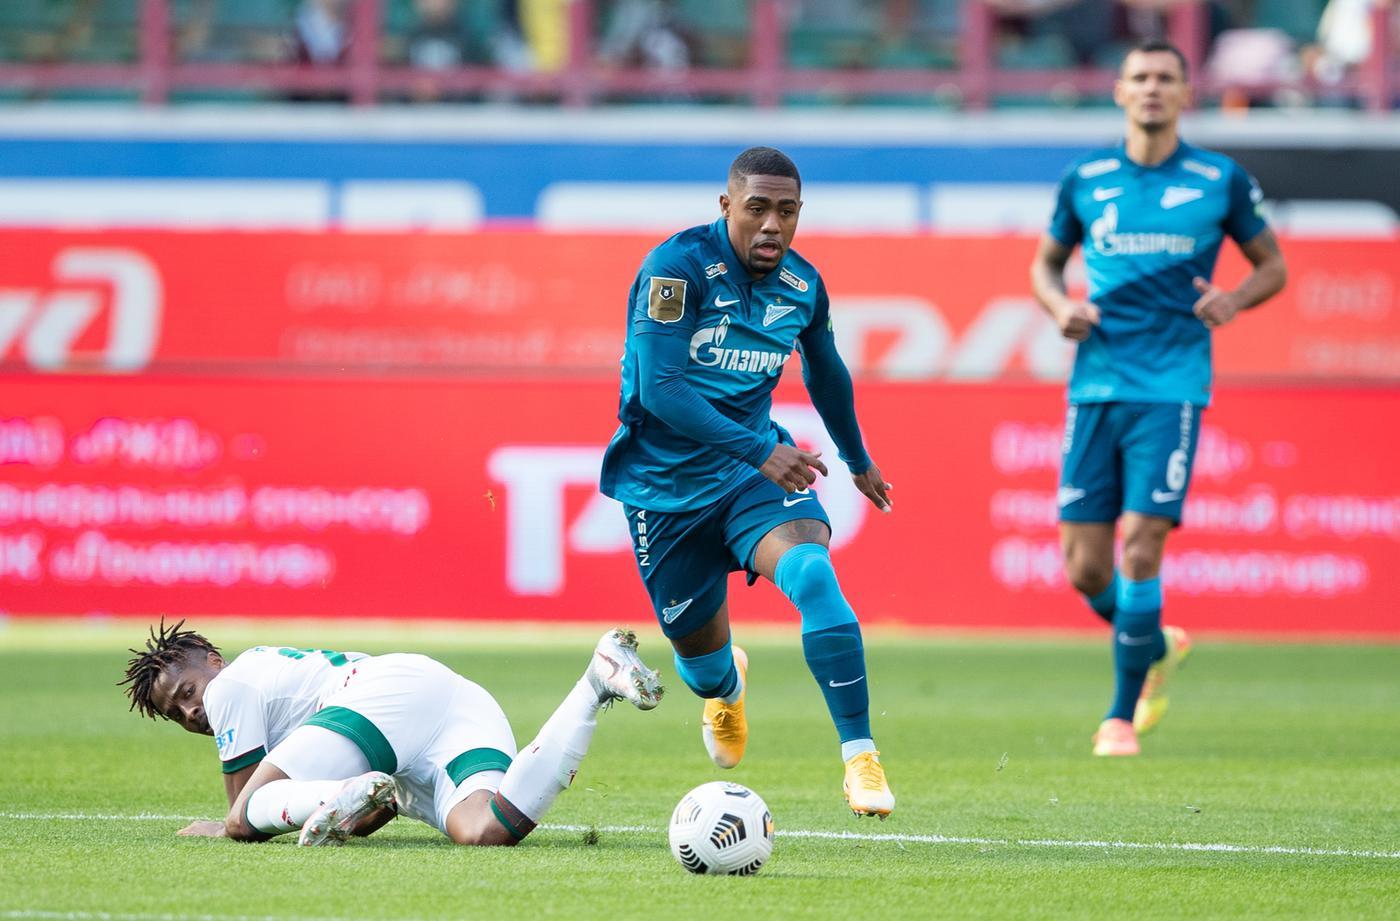 Почему «Зенит» станет чемпионом уже в матче с «Локомотивом» - фото